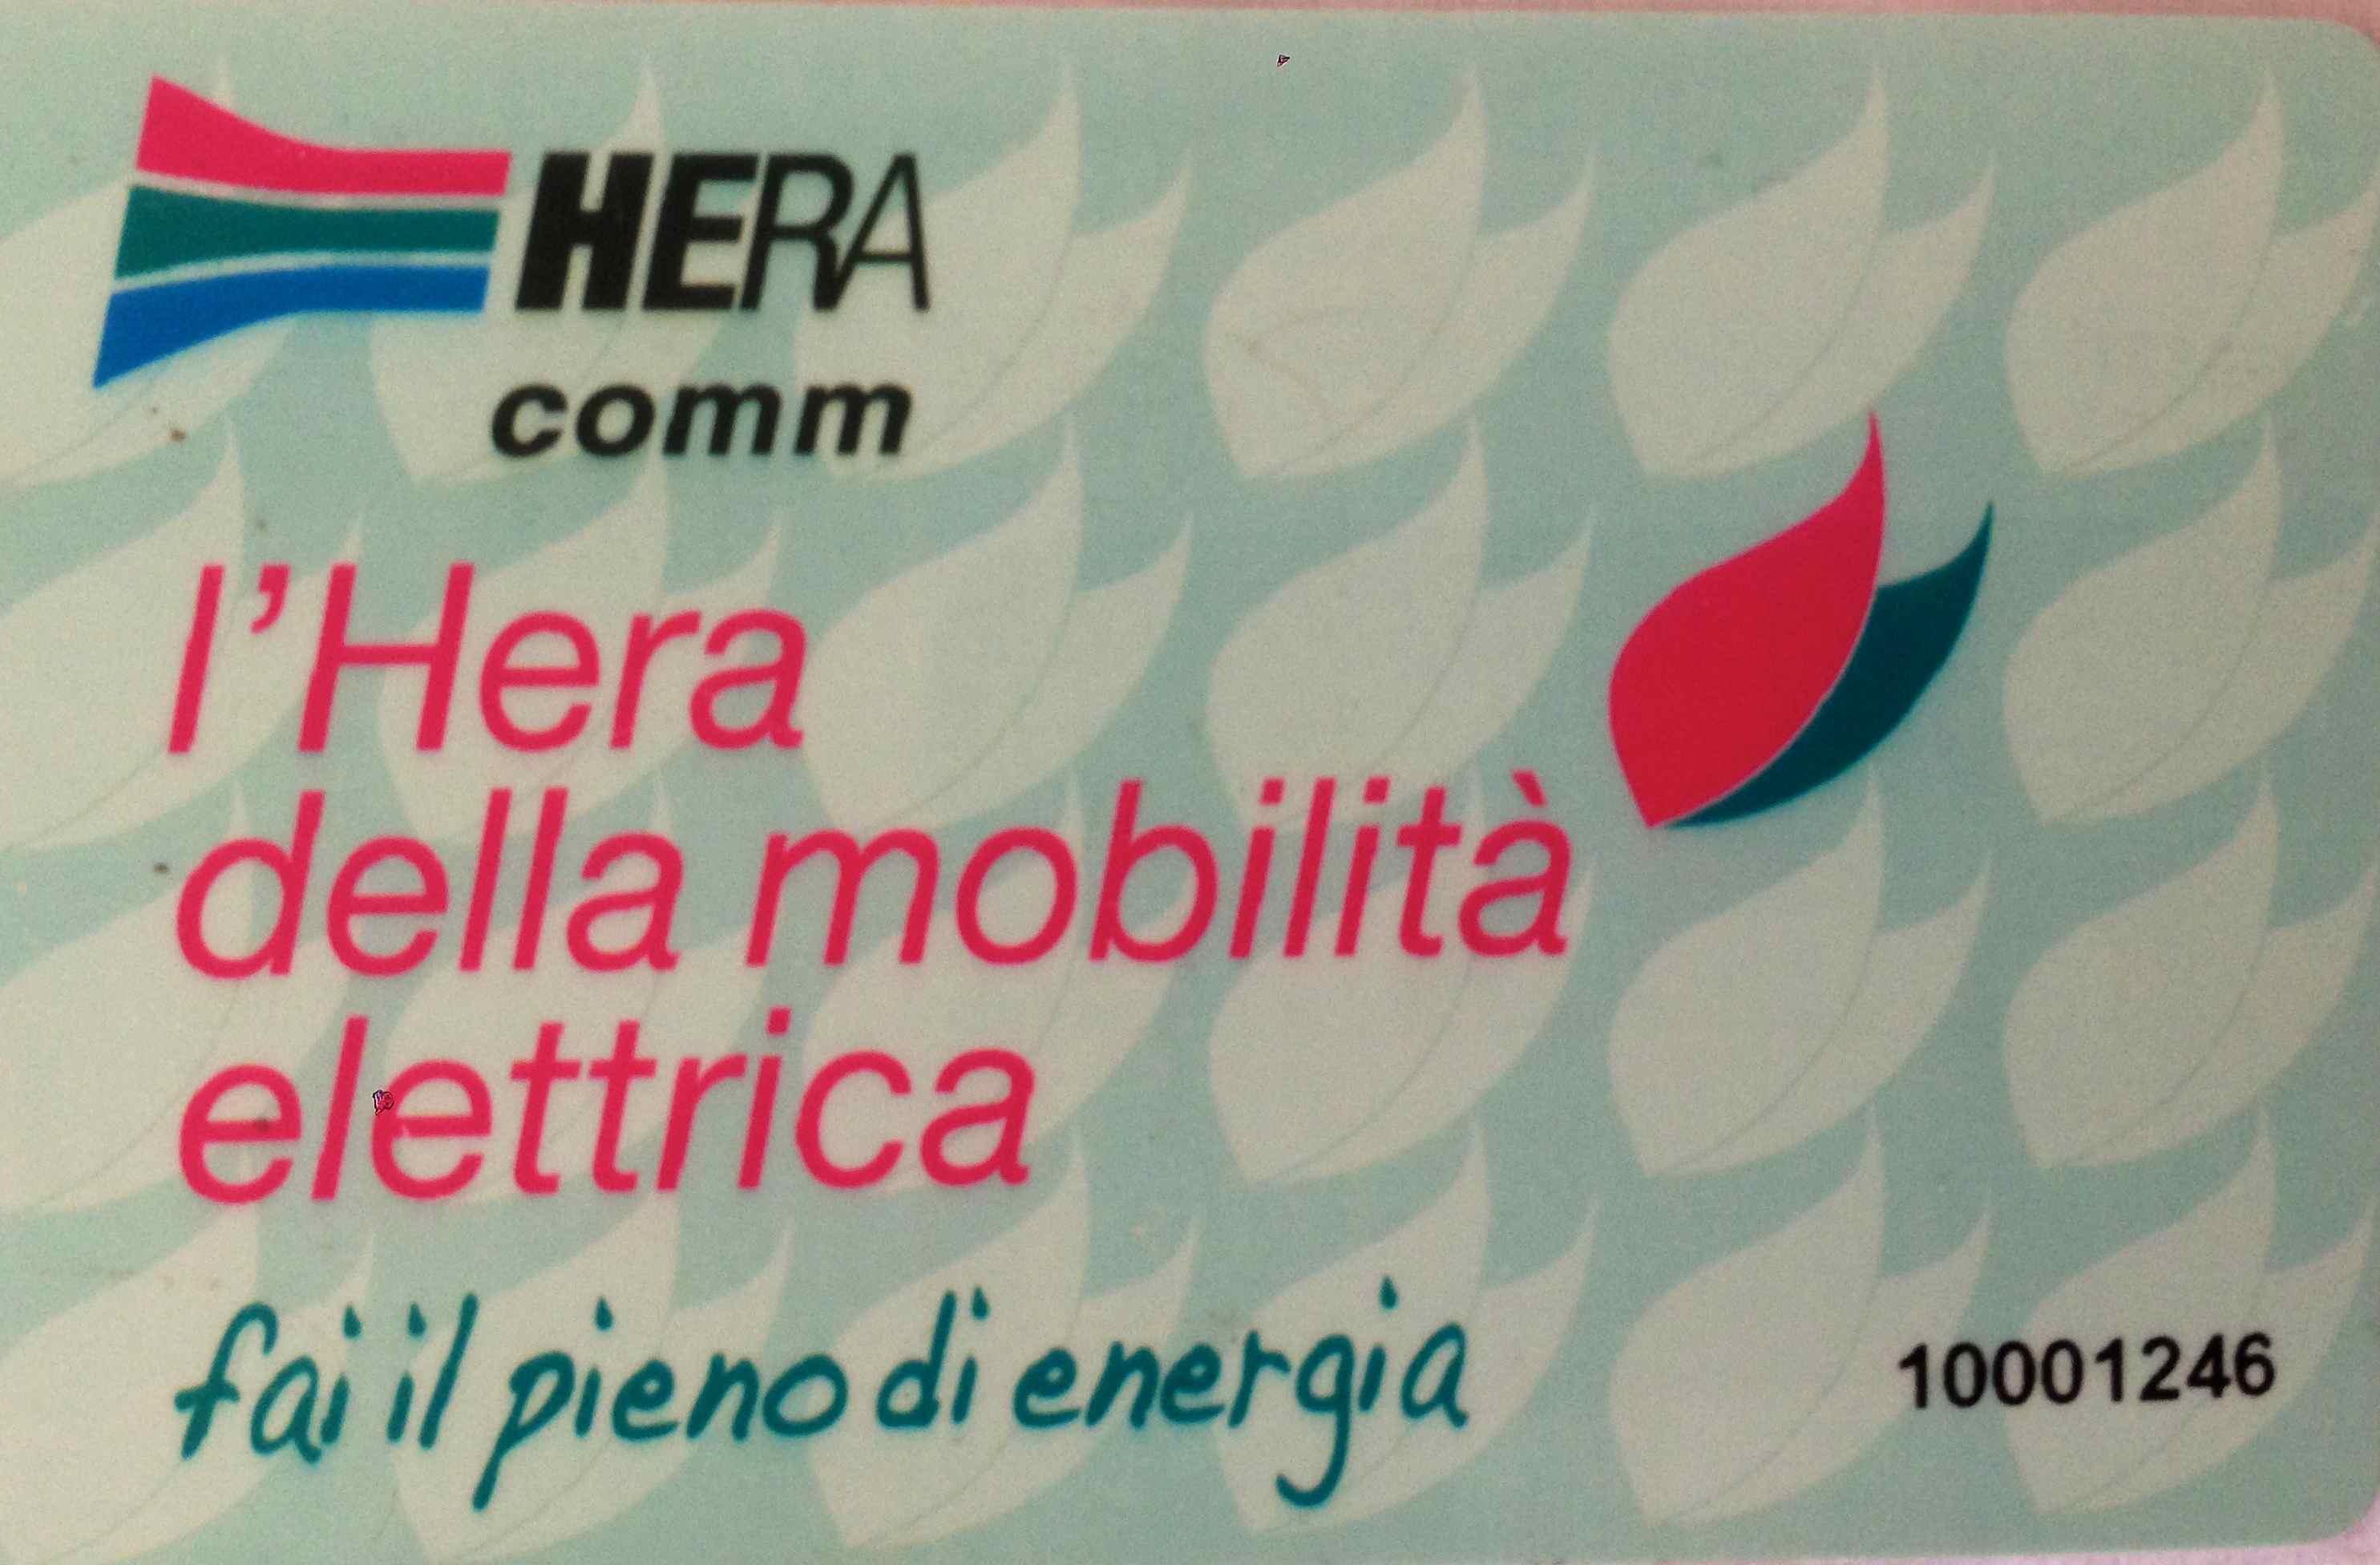 Hera card.jpg